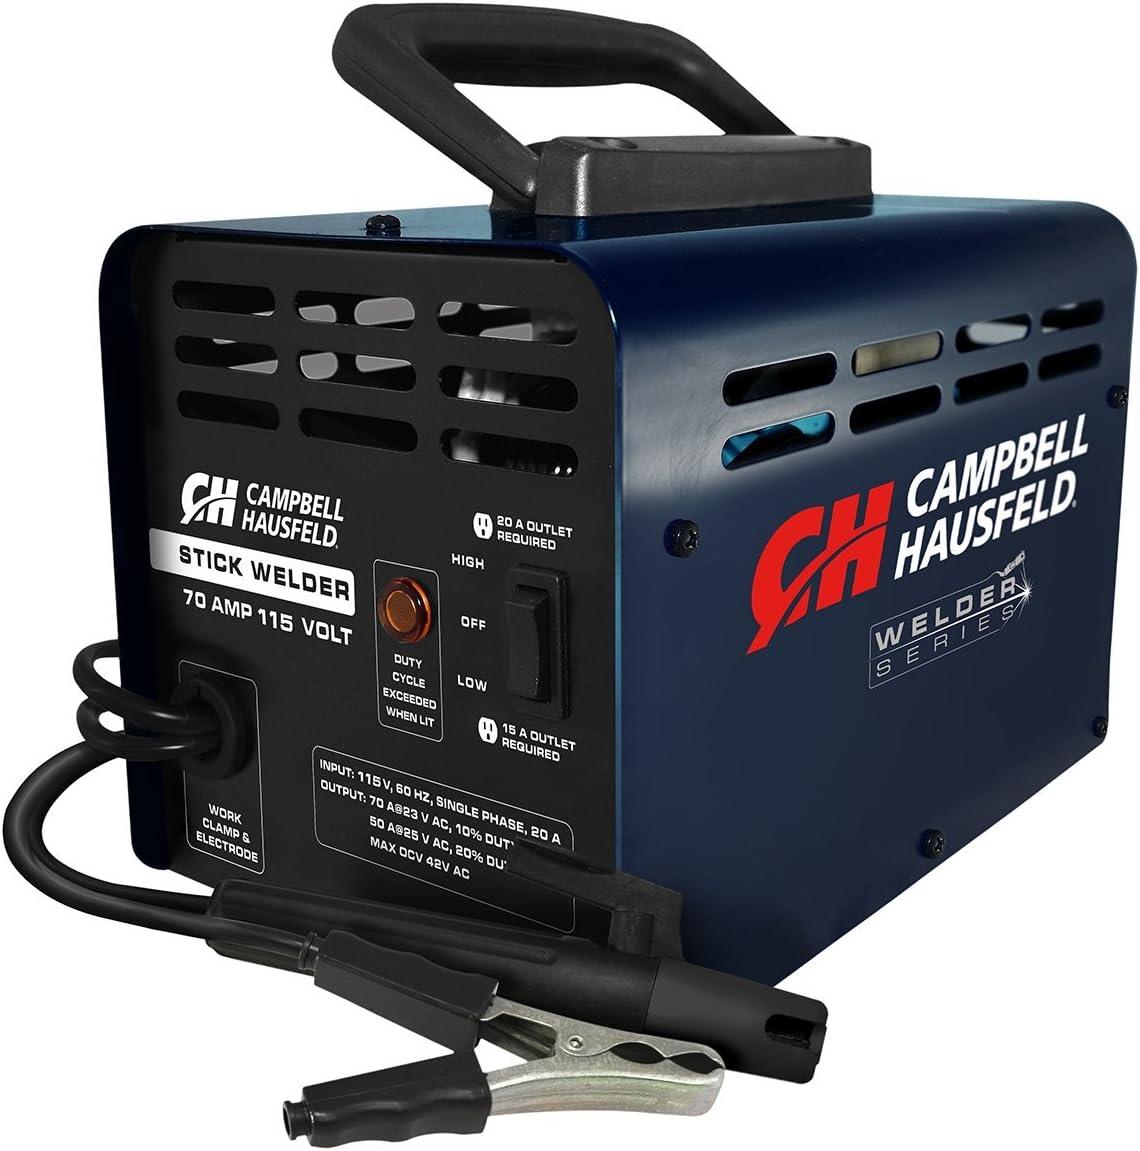 Campbell Hausfeld WS099001AV